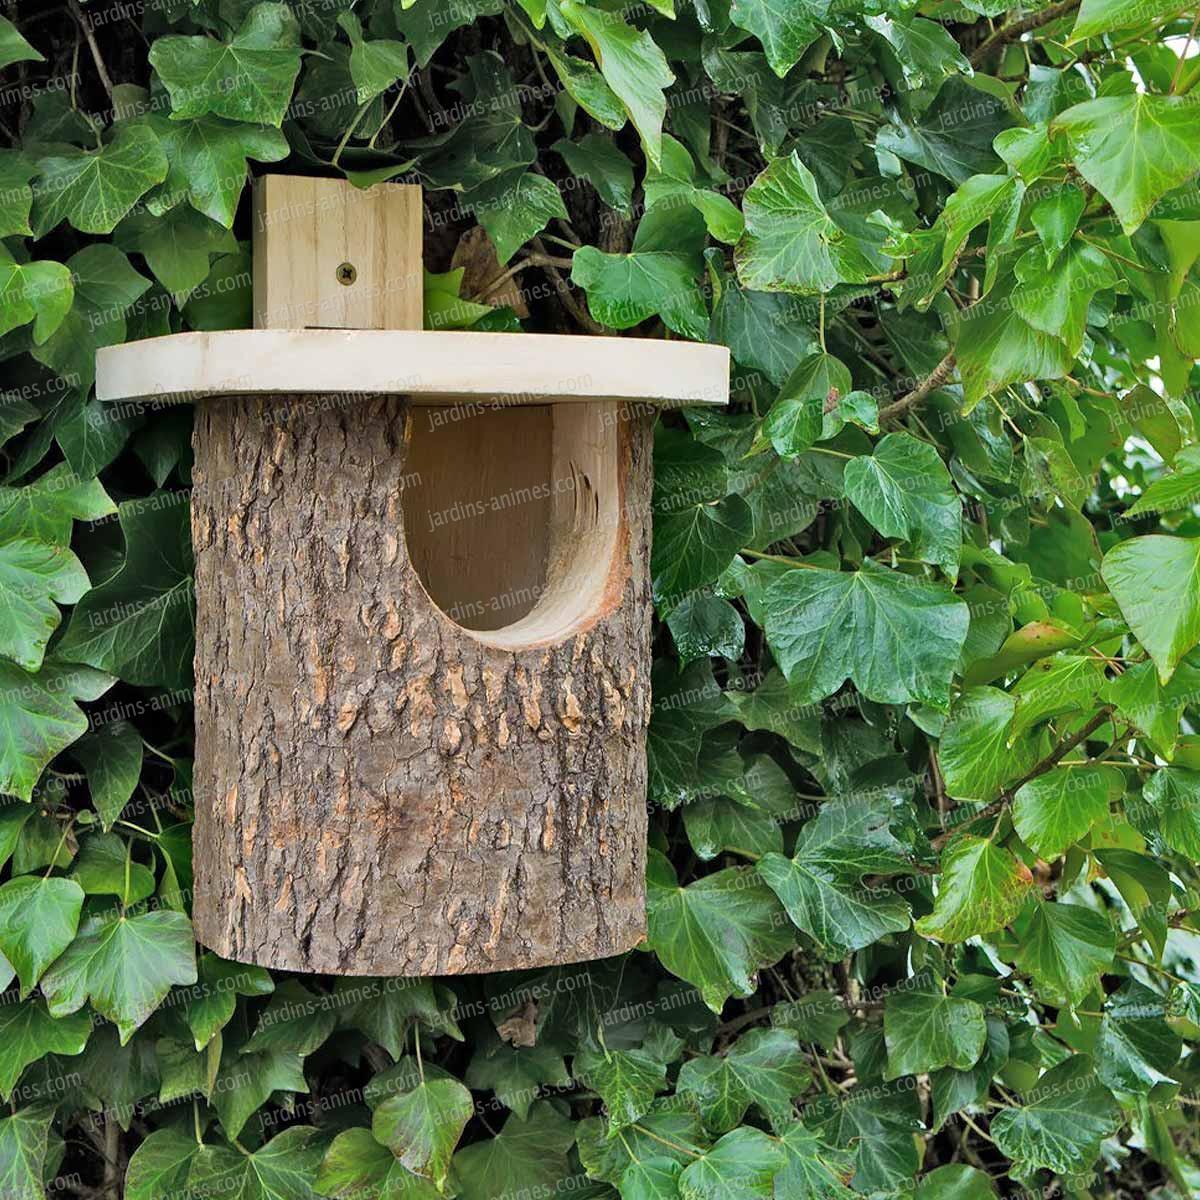 jardins anim s animaux oiseaux nichoirs pour oiseaux nichoir rouge gorge en bouleau. Black Bedroom Furniture Sets. Home Design Ideas